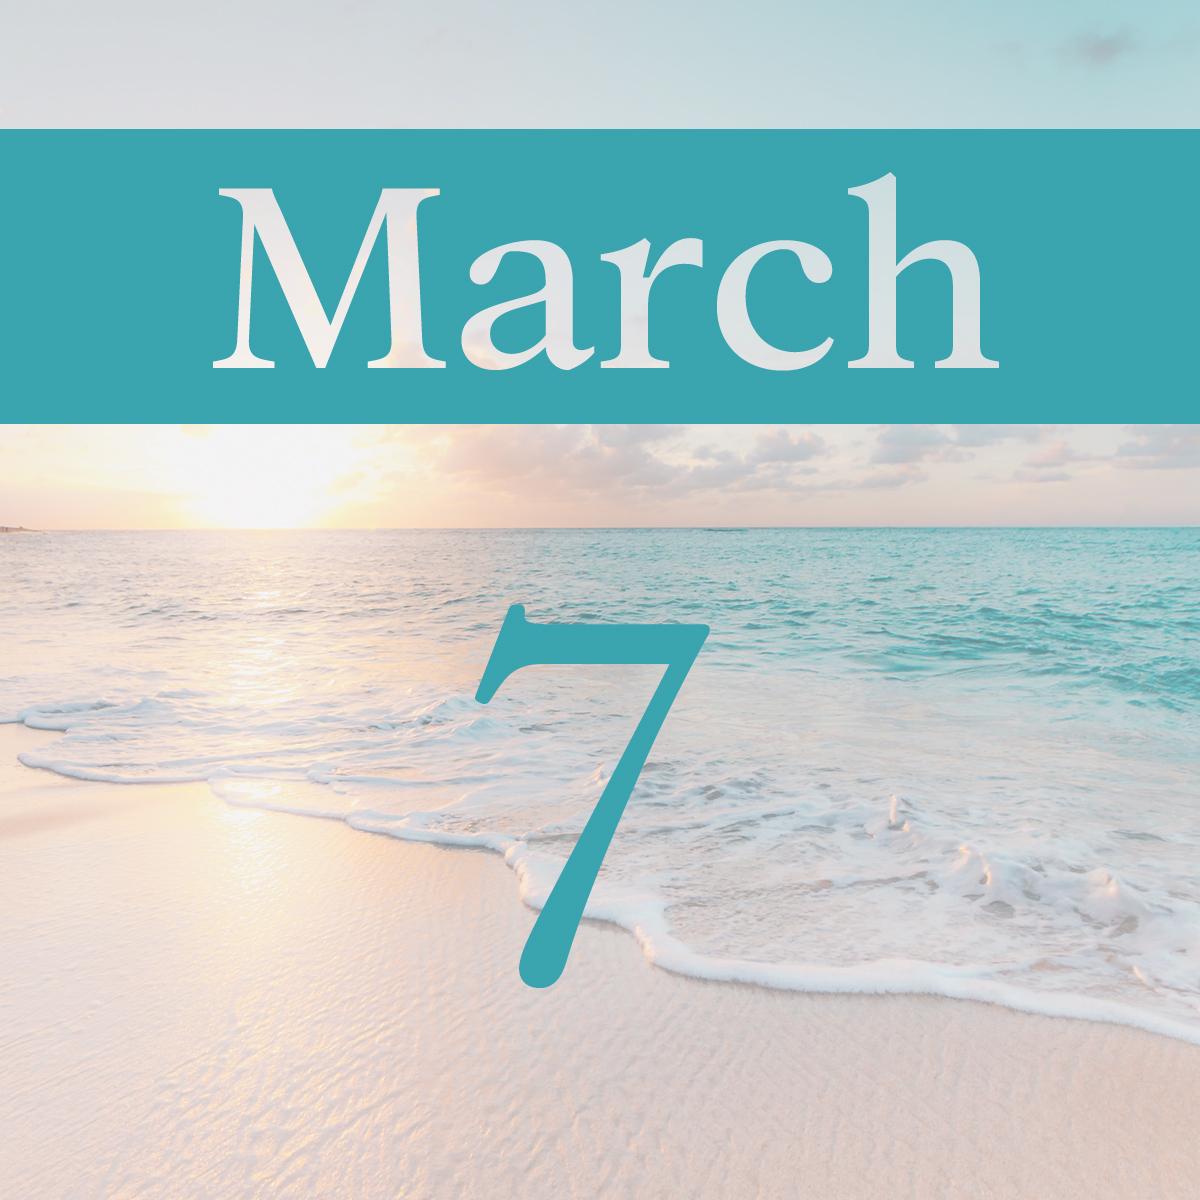 Saturday, March 7th